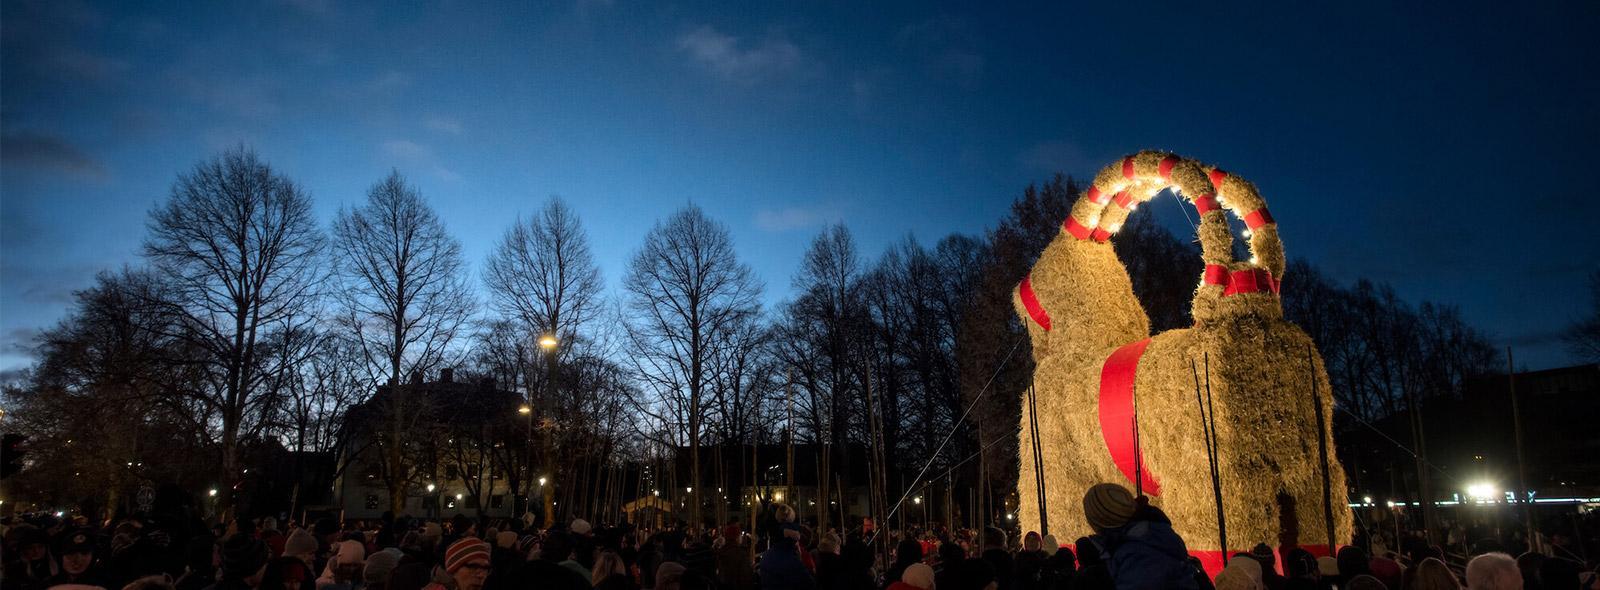 Wir wunschen euch frohe weihnachten schwedisch